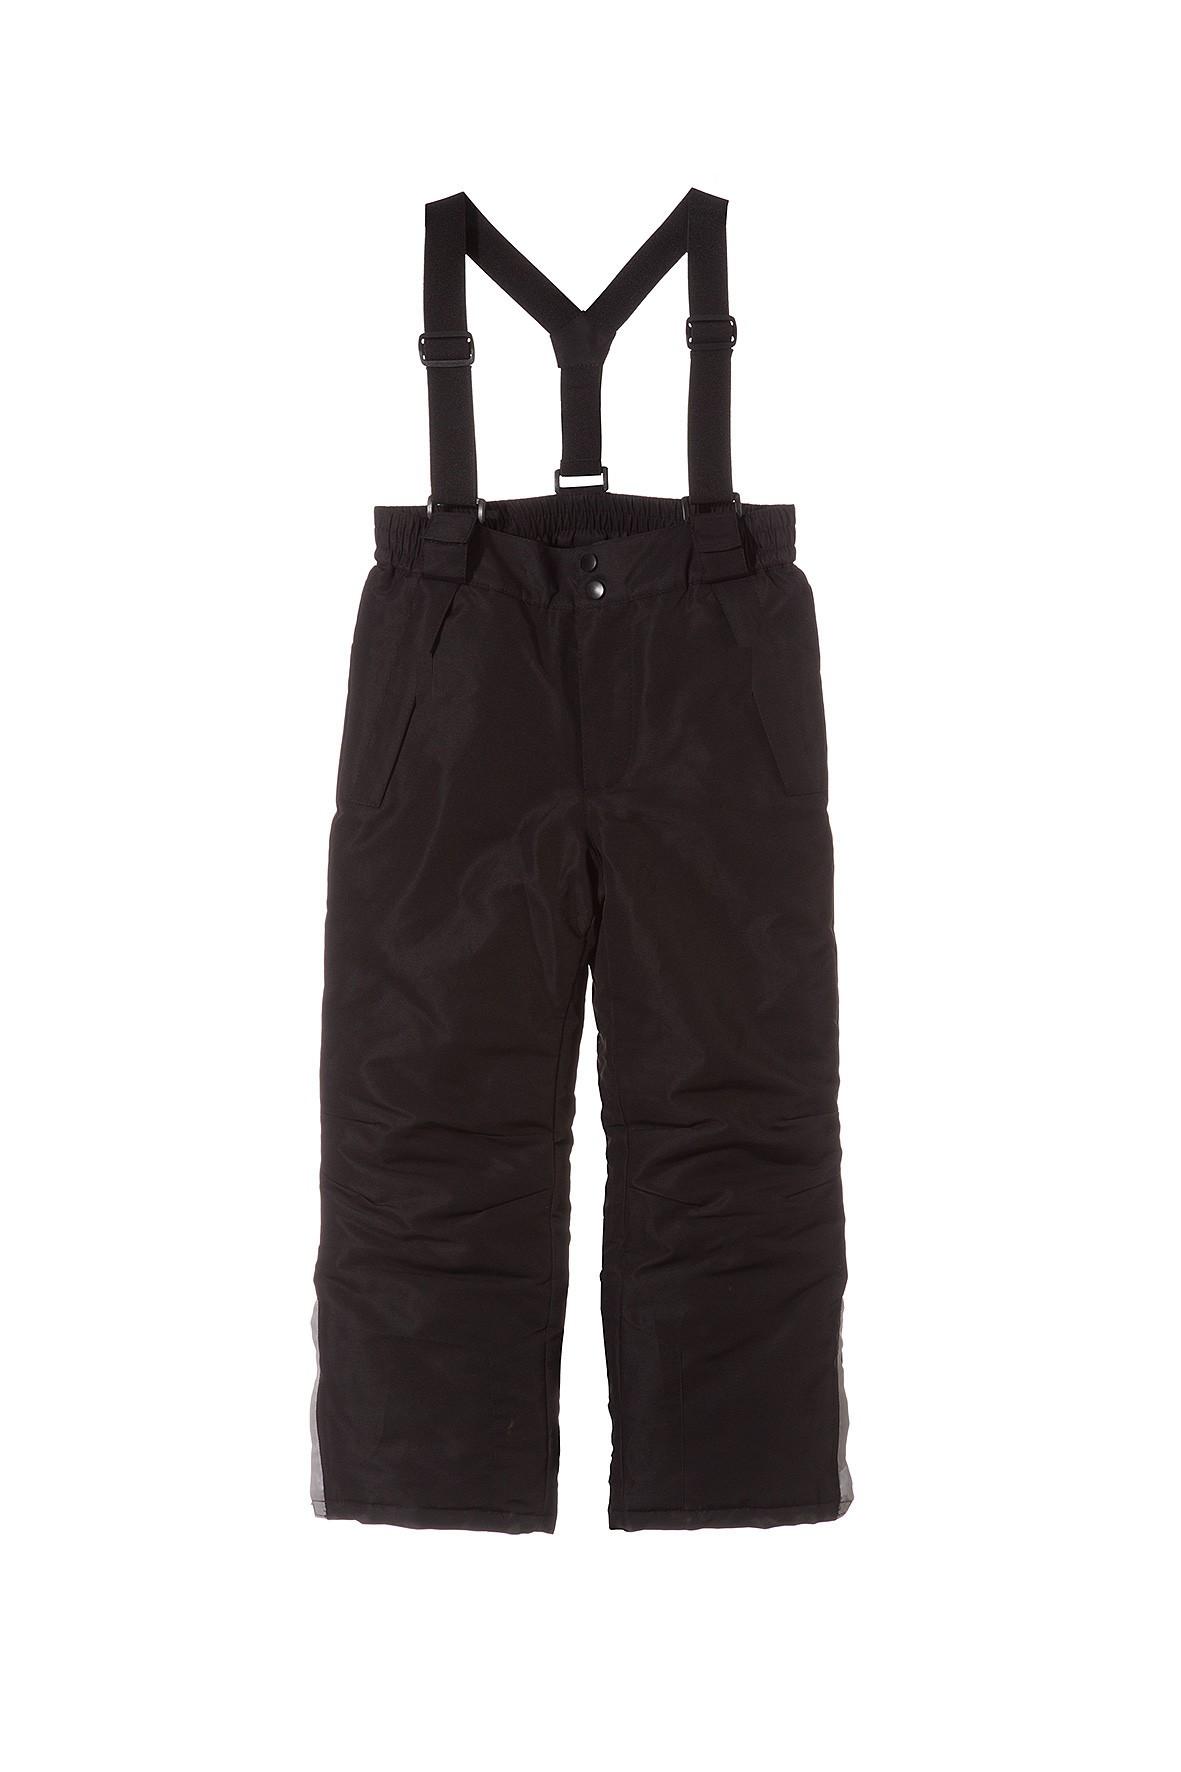 Spodnie narciarskie dziewczęce- czarne z elementami odblaskowymi